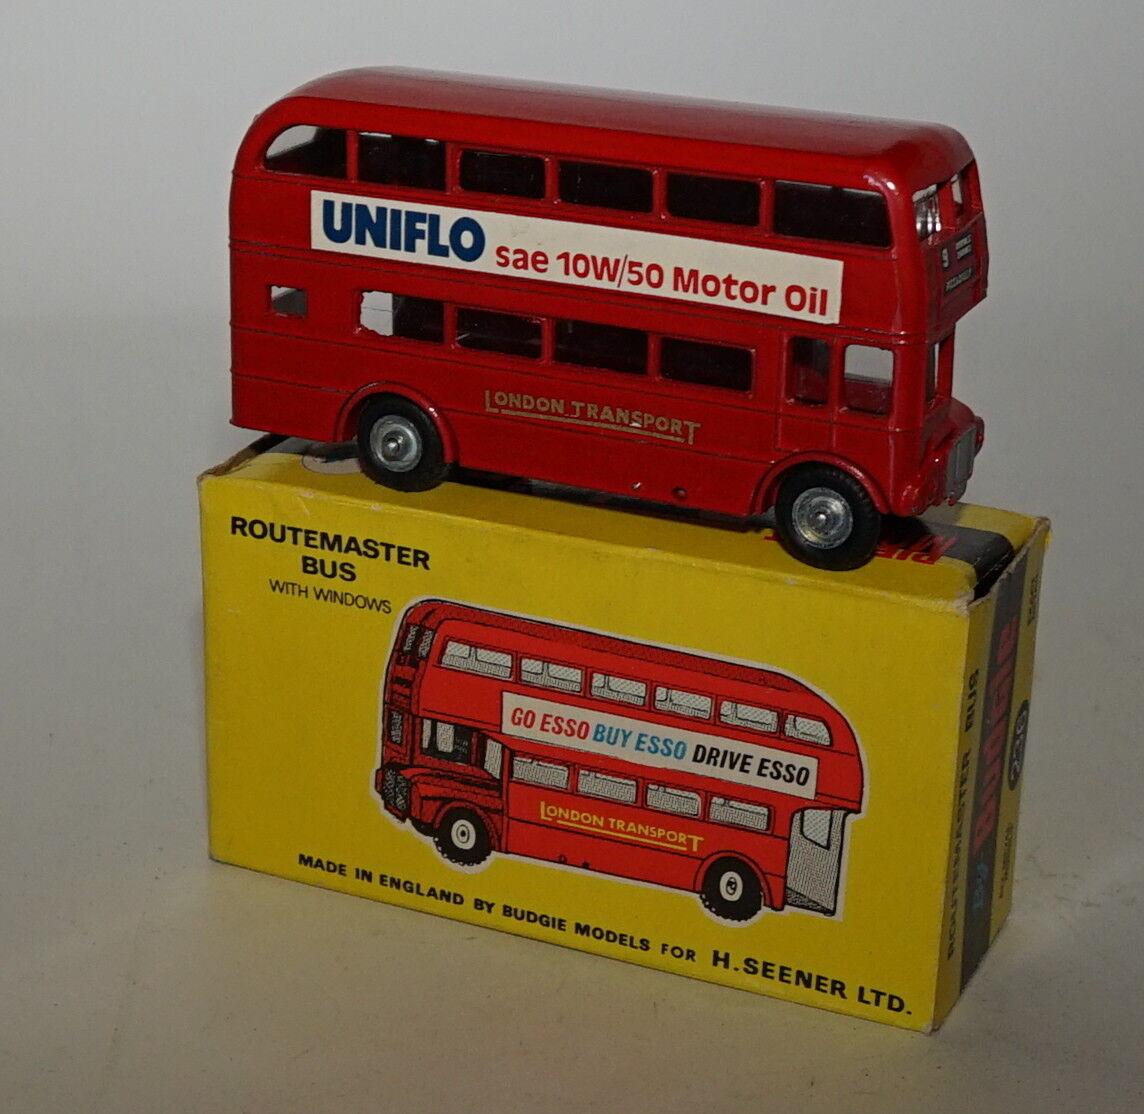 Budgie Toys 236 Londres Bus Routemaster Uniflow SAE 10/50 10/50 10/50 Moteur Huile NM/Ex 28d7e3